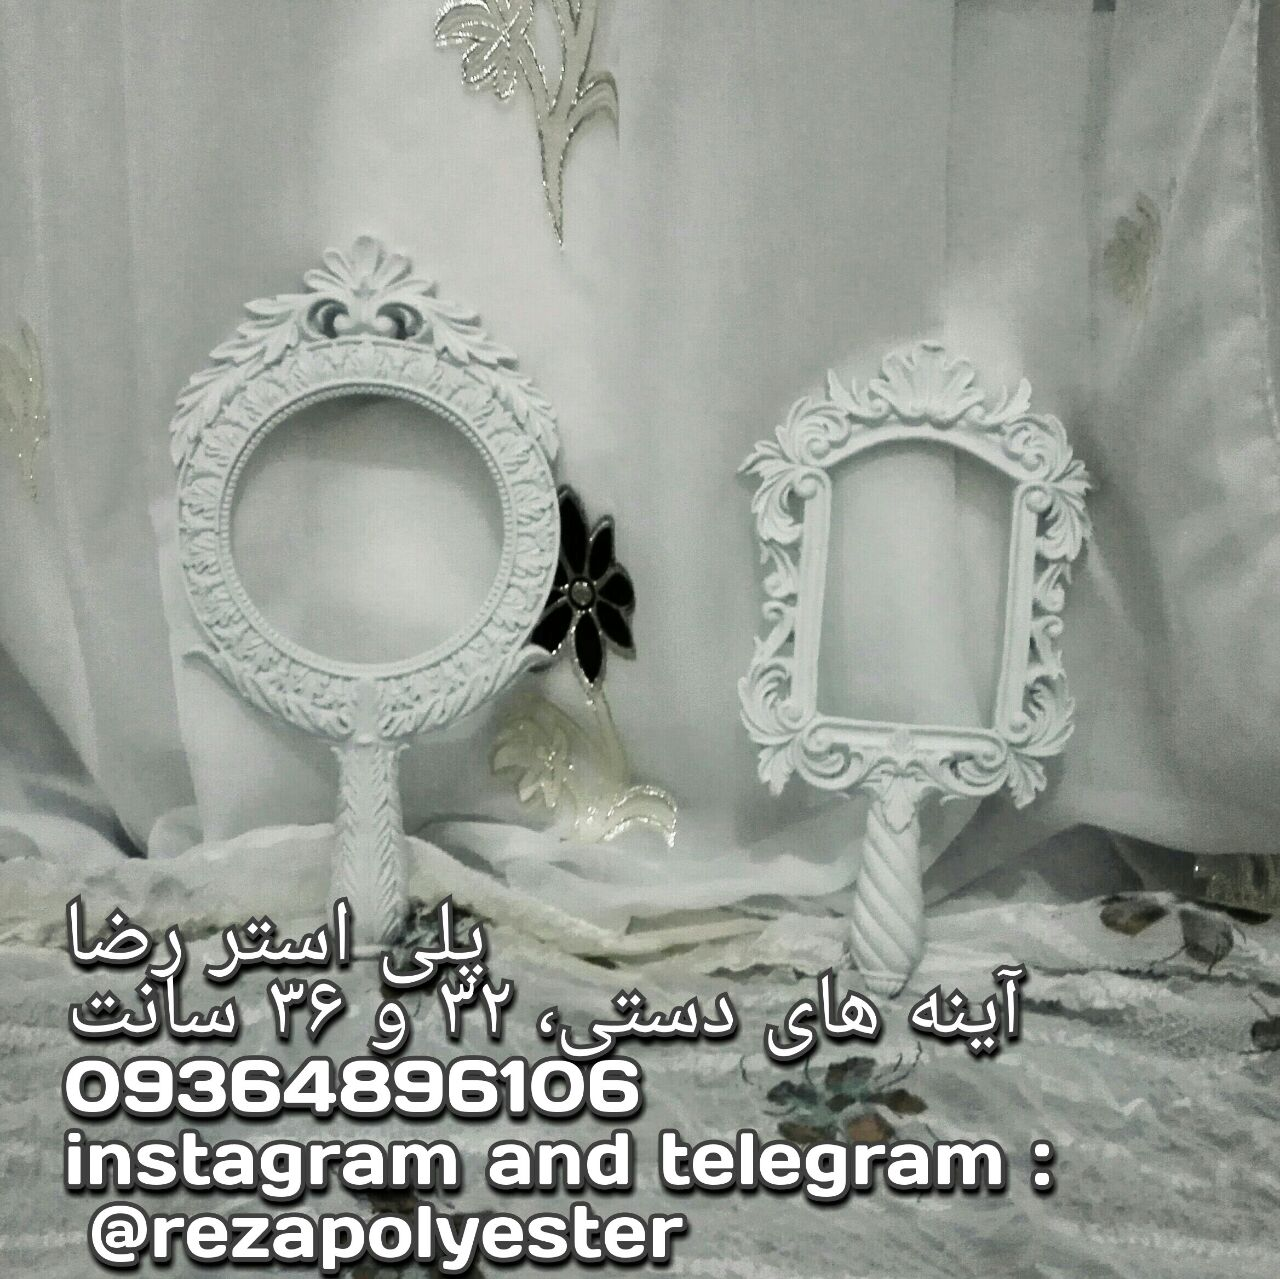 دو نمونه آینه دستی